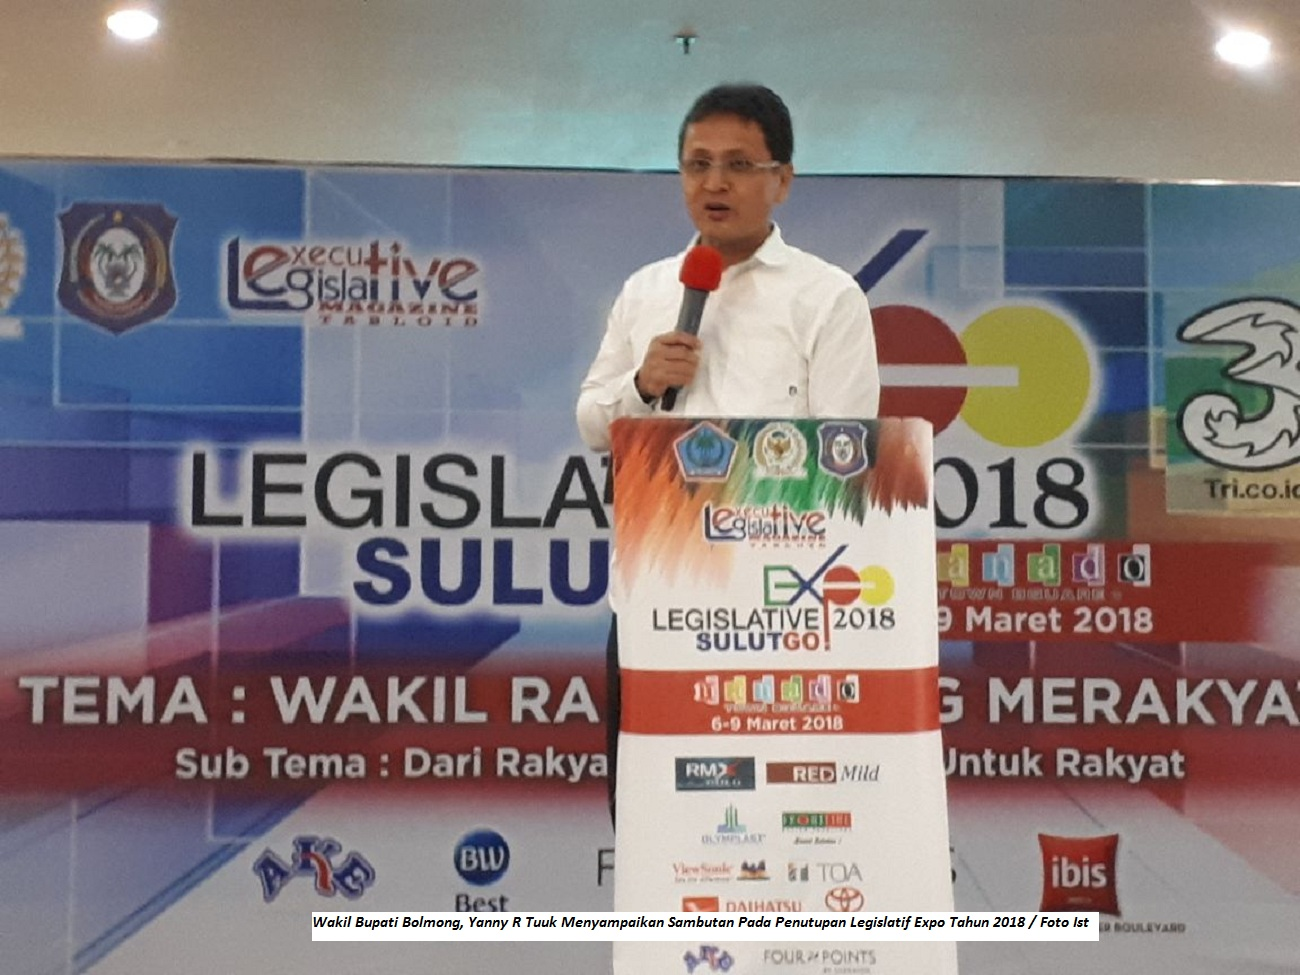 Hadiri Penutupan Legislatif Expo, Wabub Bolmong Terima Penghargaan